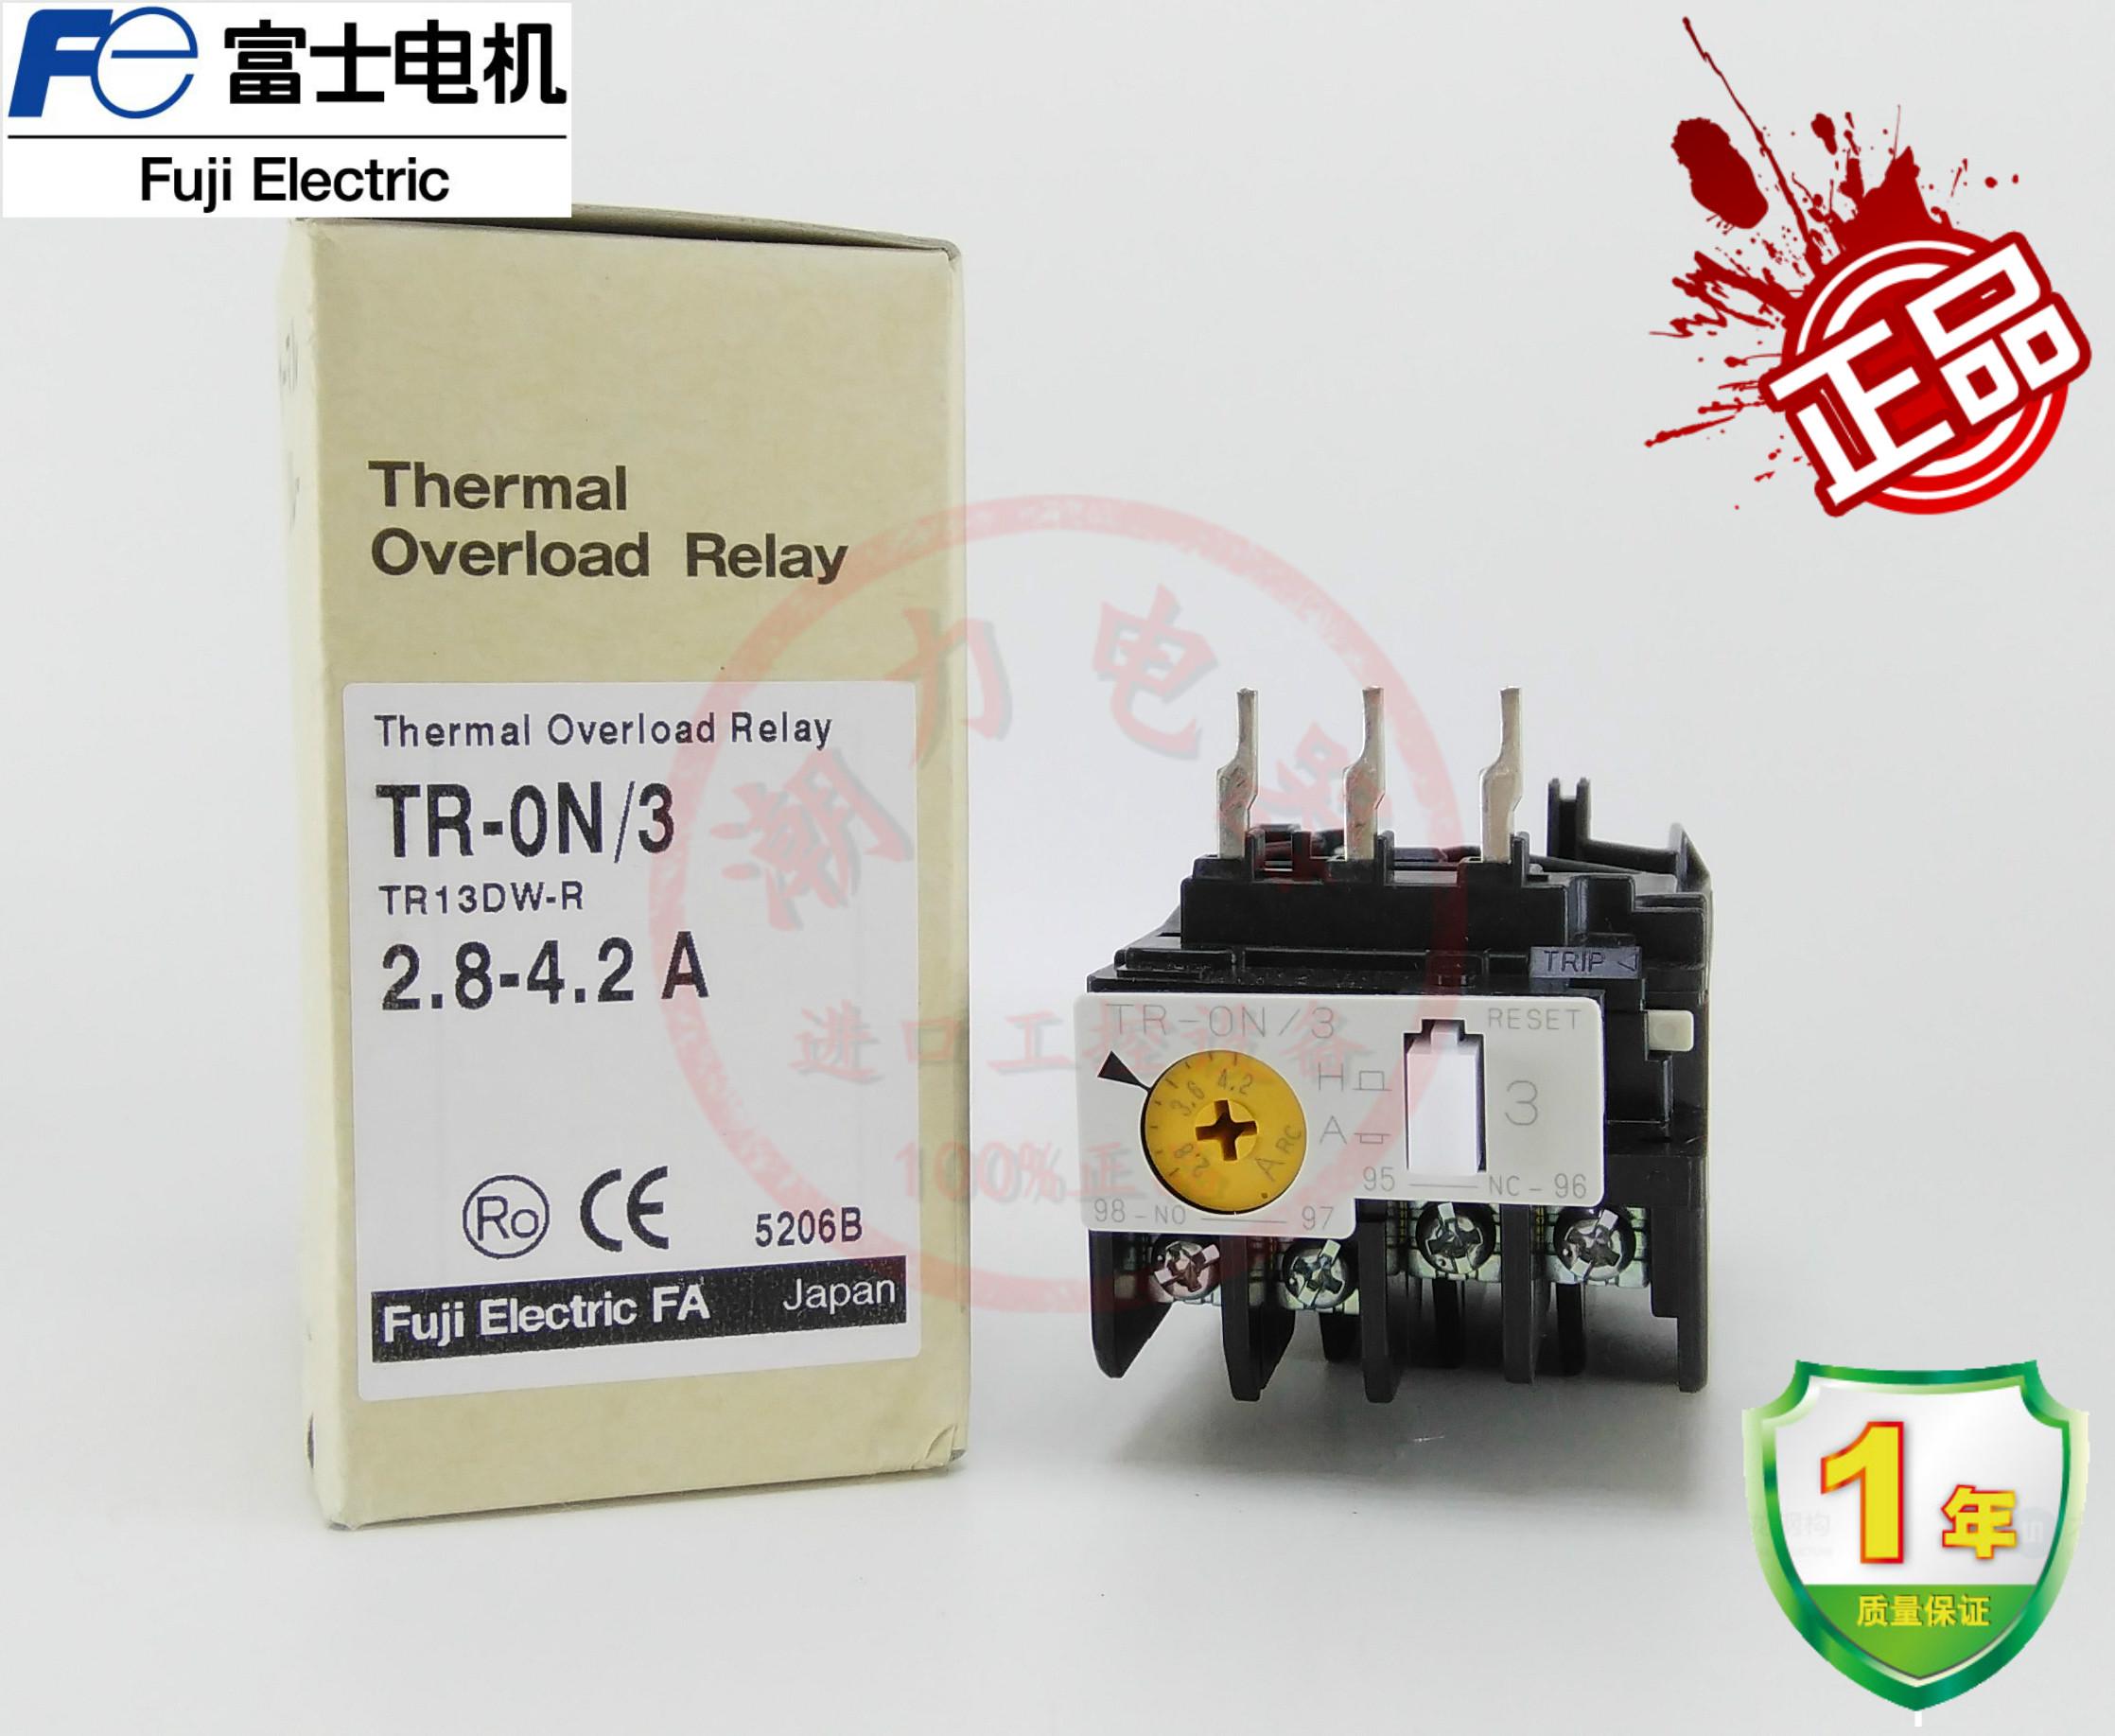 Абсолютно новый оригинальный импорт подлинный япония фудзи FUJI горячей живая нагрузка реле TR-ON/3 TR-0N/3